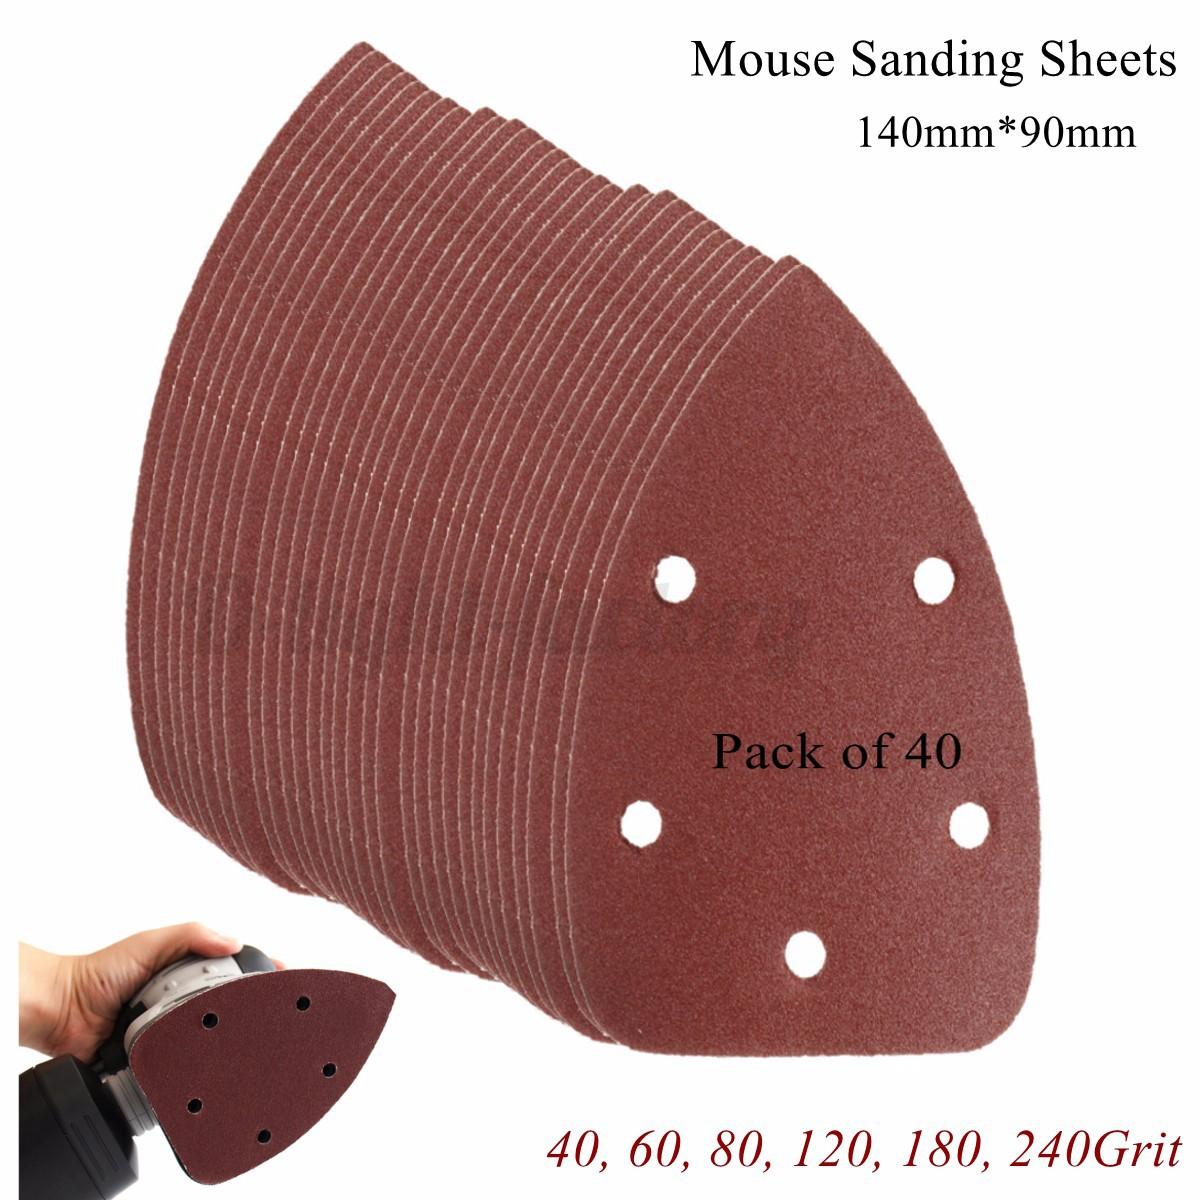 40x mouse sanding sheets paper 40 240grit fit black. Black Bedroom Furniture Sets. Home Design Ideas